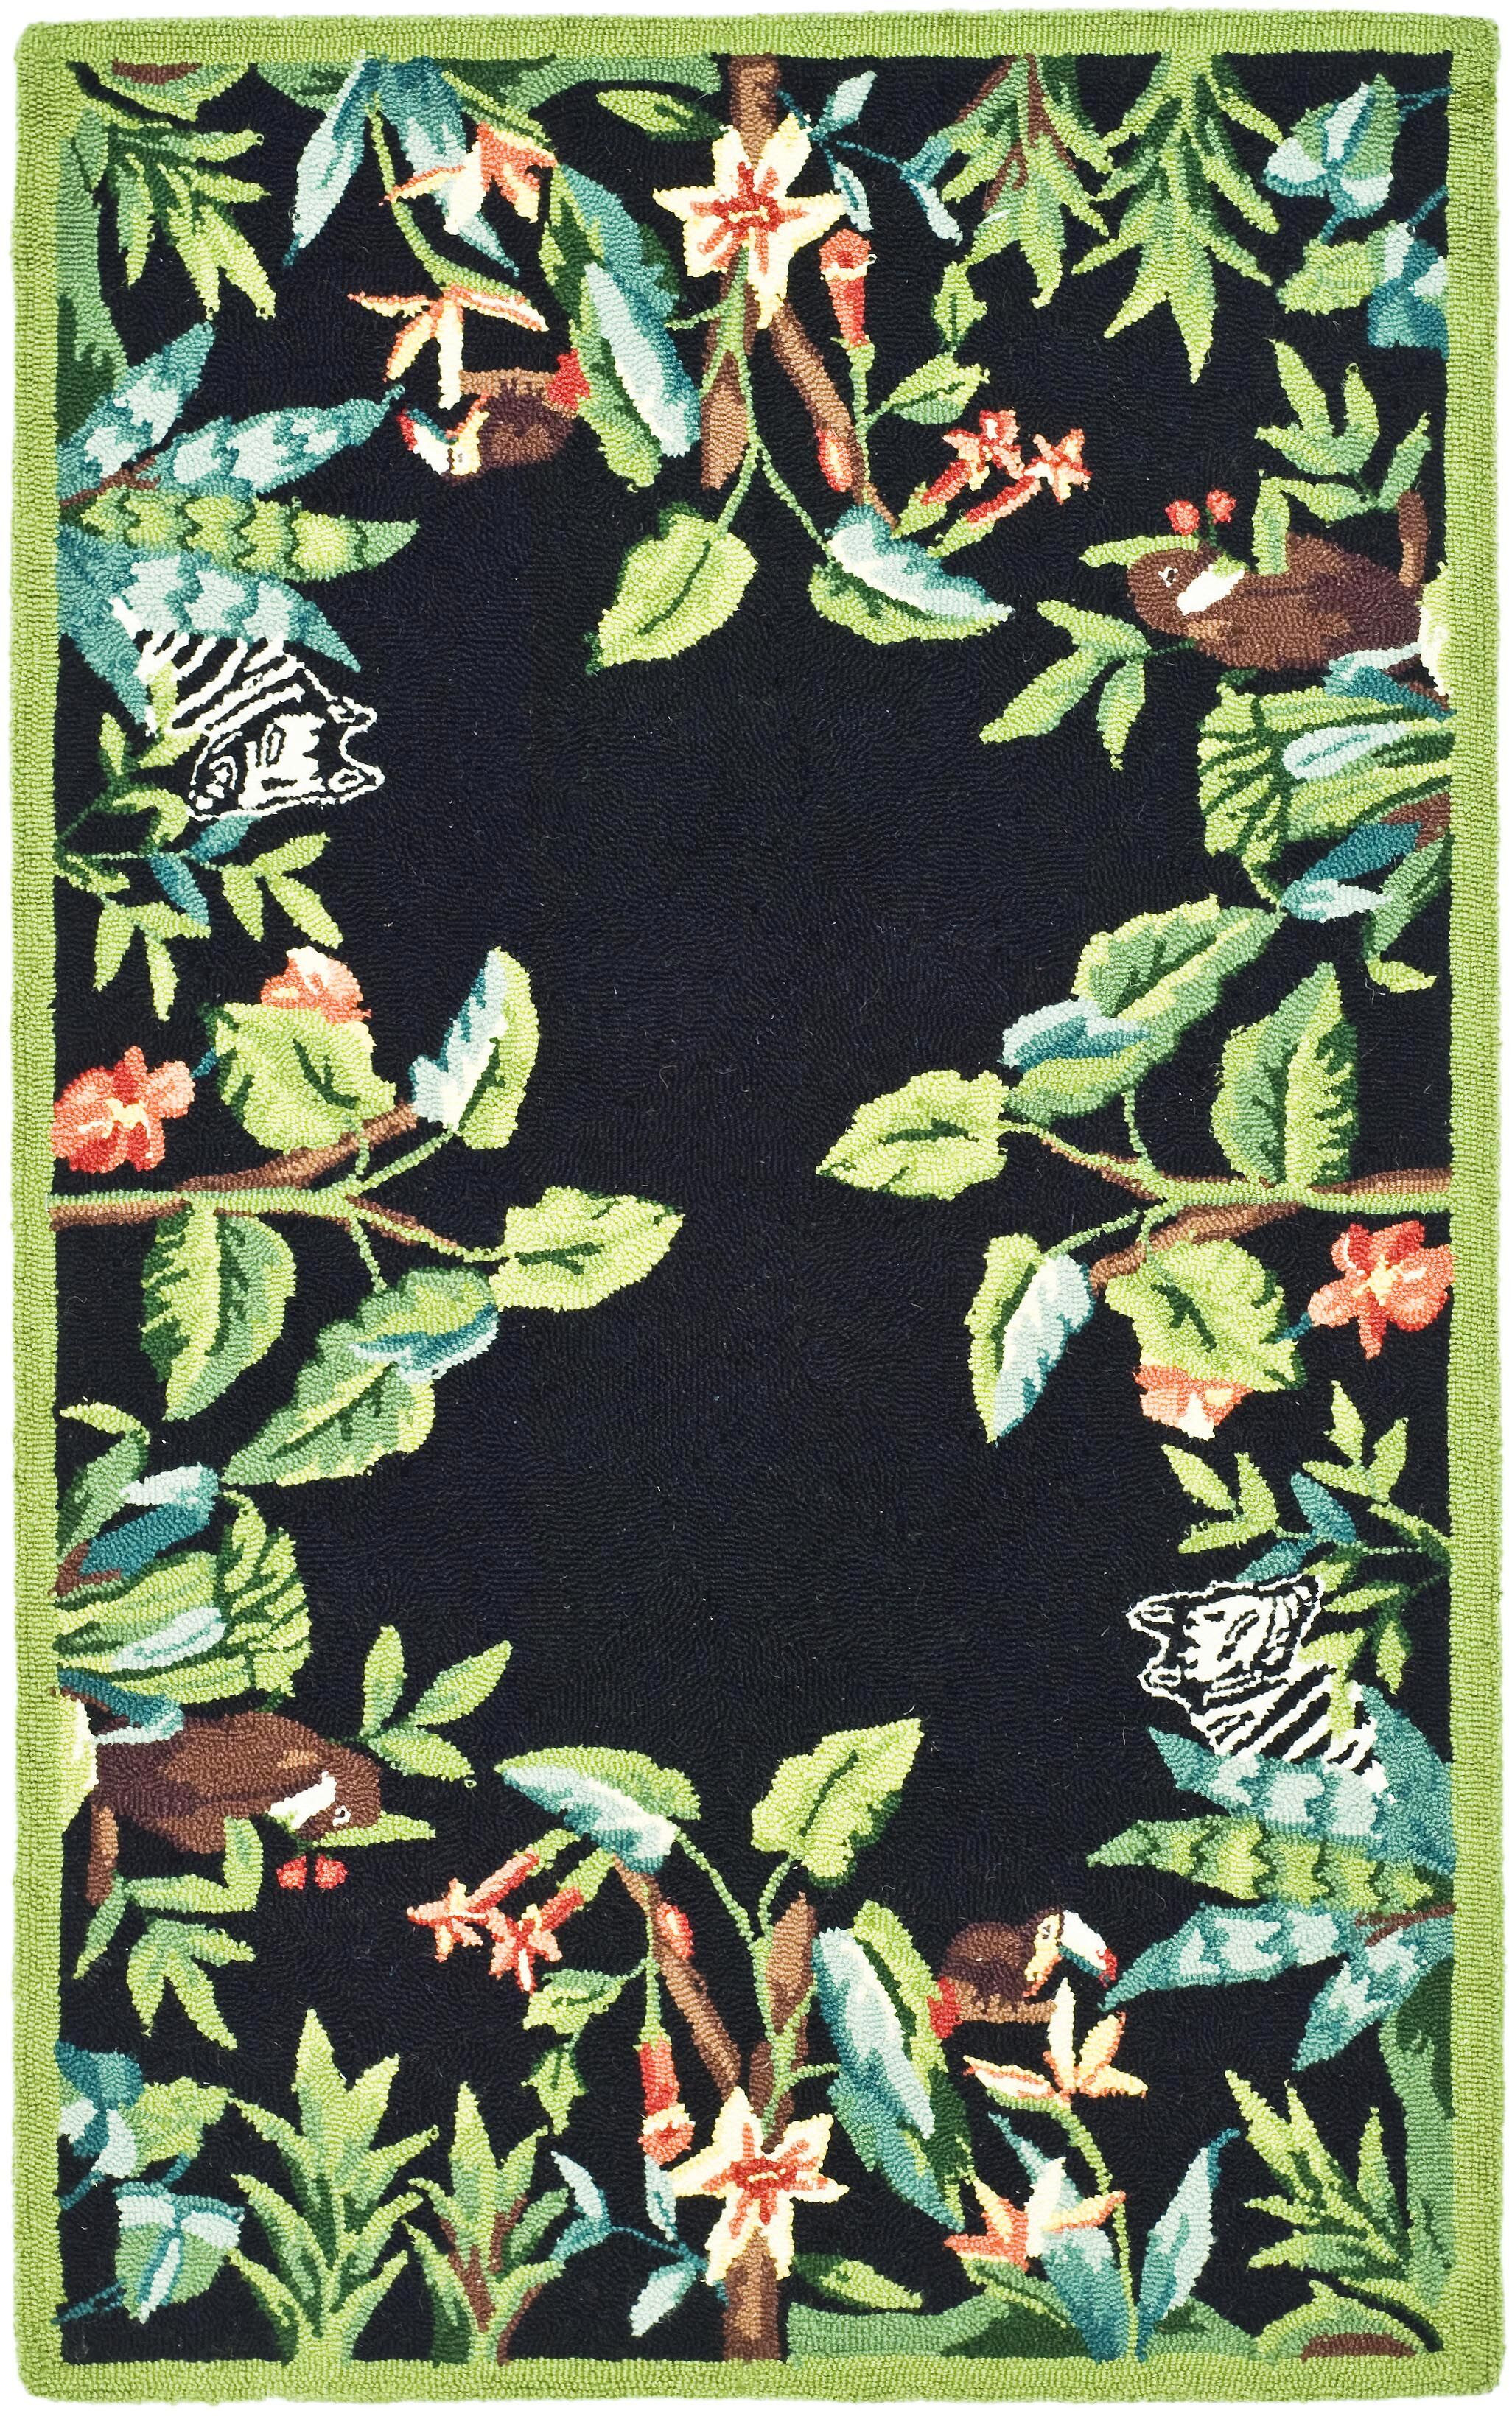 Bridges Black/Green Novelty Area Rug Rug Size: Rectangle 3'9